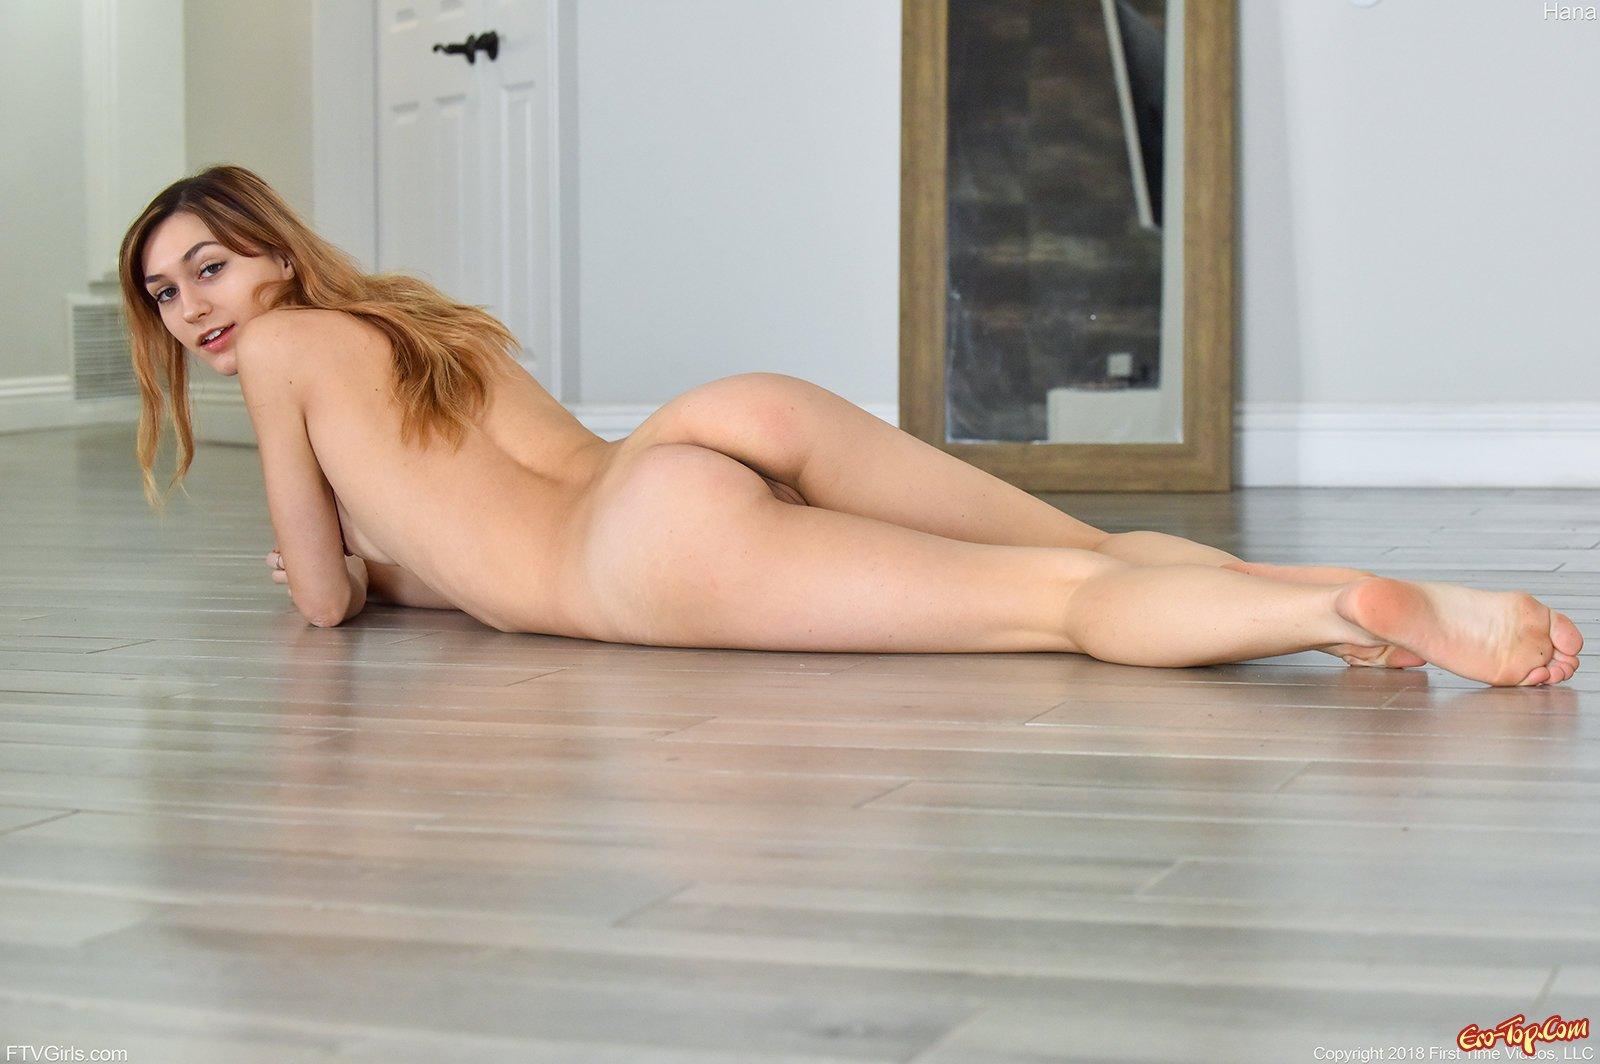 Красавица с большими сосками показала голое тело